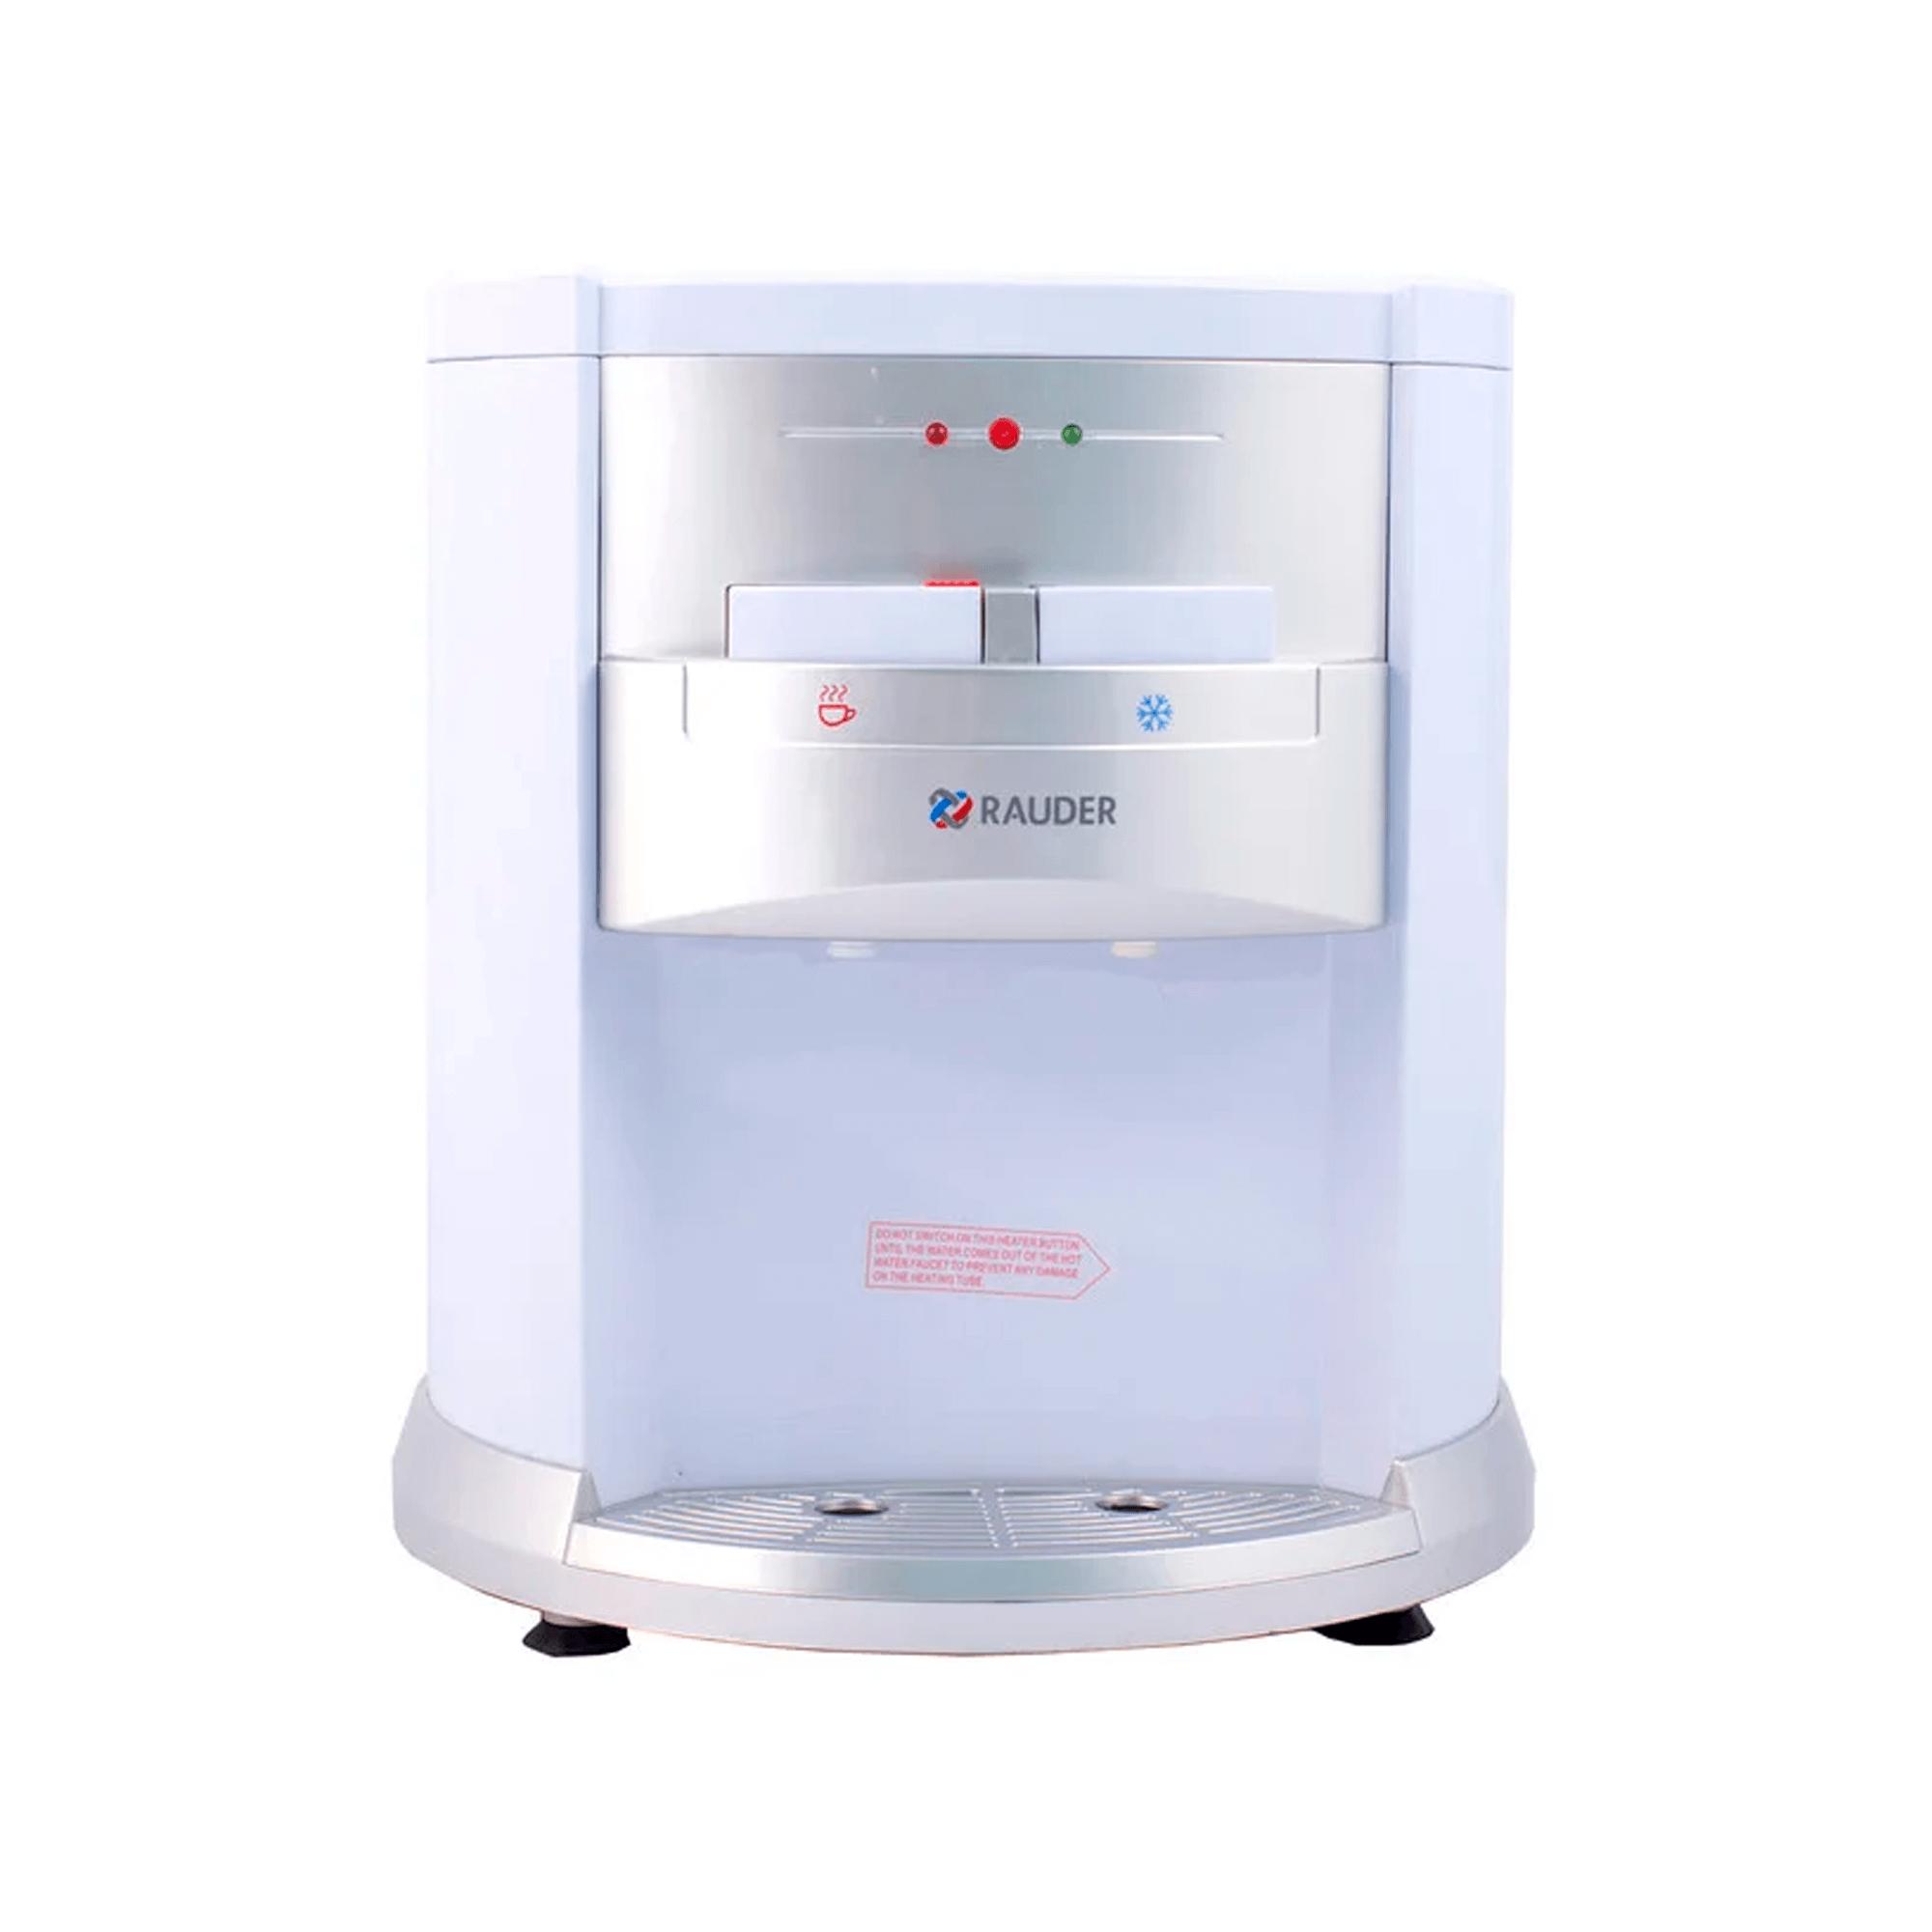 Кулеры настольные - {:ru}Кулер для воды Rauder 0.5-5T32 (электронное охлаждение){:}{:uk}Кулер для води Rauder 0.5-5T32 (електронне охолодження){:}